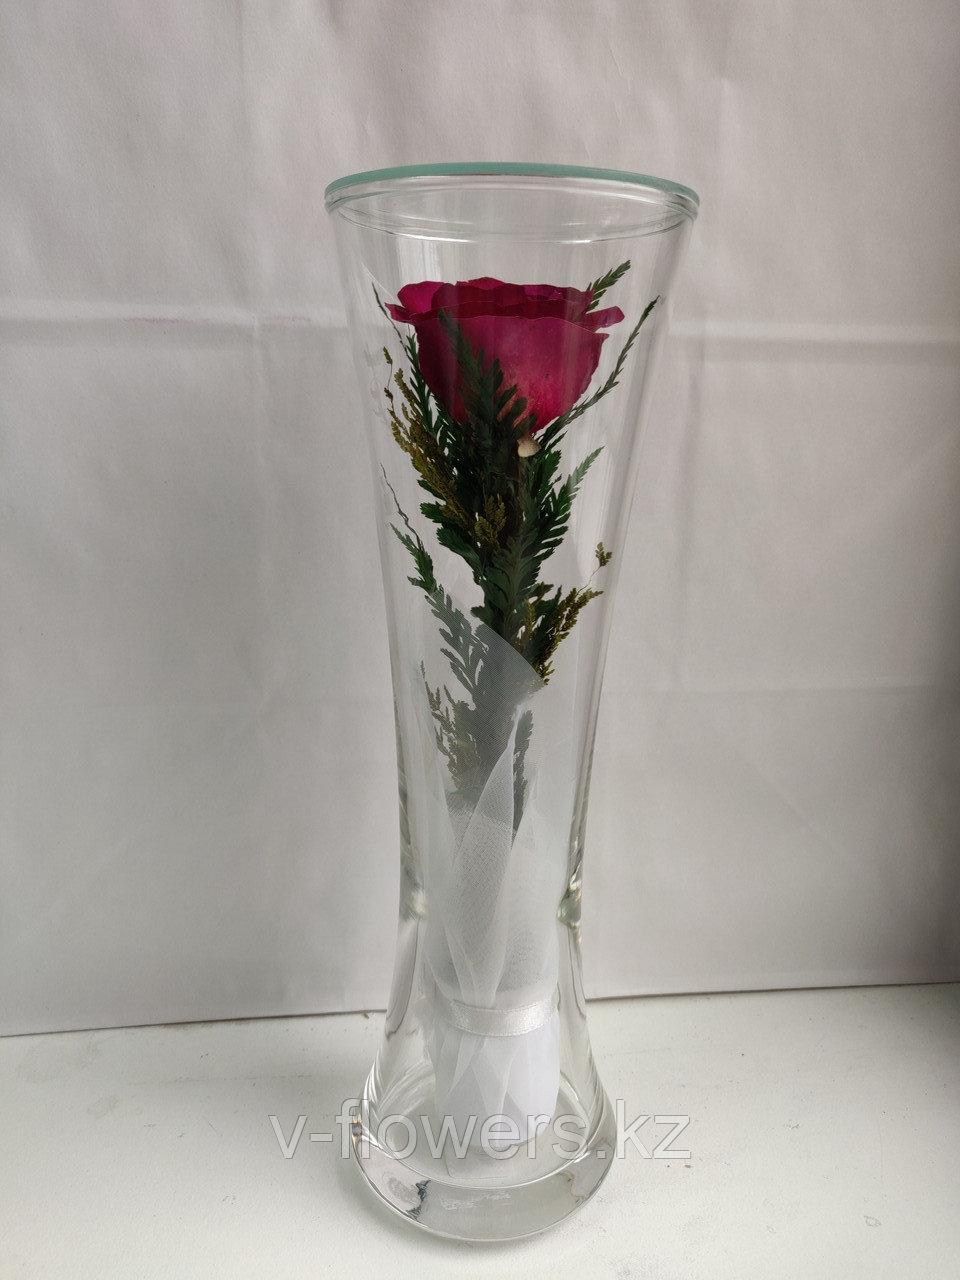 Живые цветы в стекле CuHRp-2